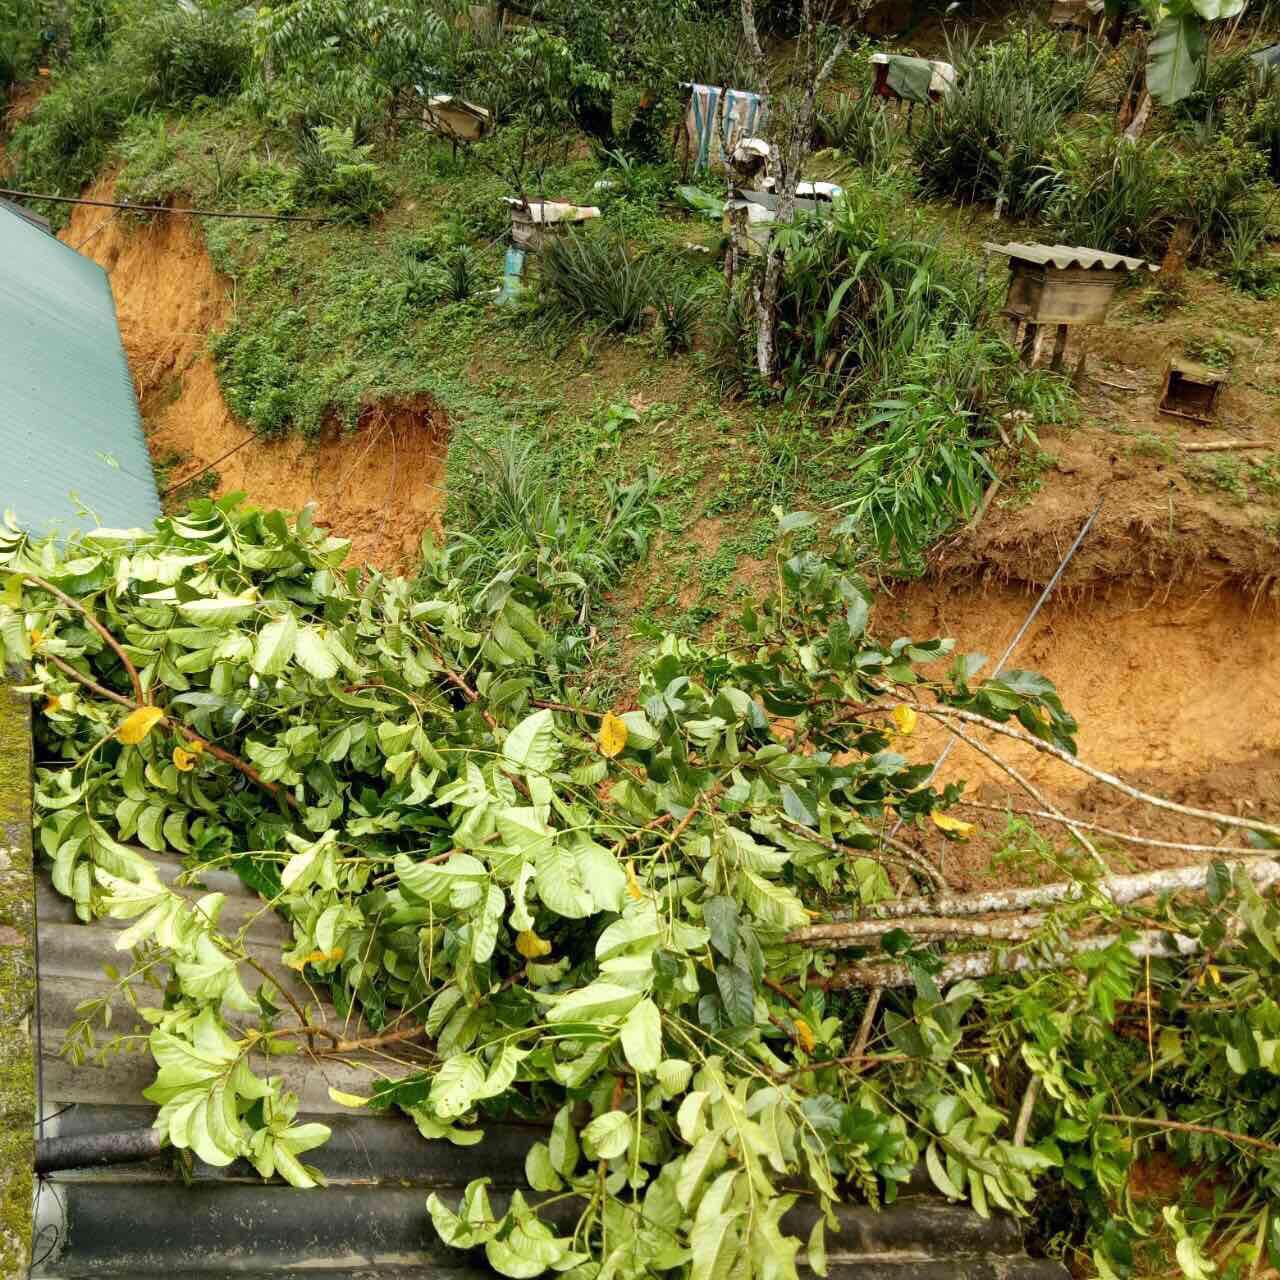 Do ảnh hưởng của bùn đất từ trên núi tràn xuống, nhà hai CBNV bị chìm vào trong bùn đất. Cụ thể, đó là nhà anh Sầm Văn Ba - kỹ thuật viên điều hành TIN và anh Lục Văn Quý - nhân viên TIN hạ tầng. Trong đó, nhà anh Ba đã được mọi người hỗ trợ, giúp đỡ nên không có thiệt hại nhiều. Nhà anh Quý bị bùn đất lấp 1/2 nhà, tường đất cấp 4 bị sâp nghiêm trọng. Tình trạng này phải đợi đến ngày mai mới có thể xử lý, vì phải đợi cho bùn đất khô hơn.